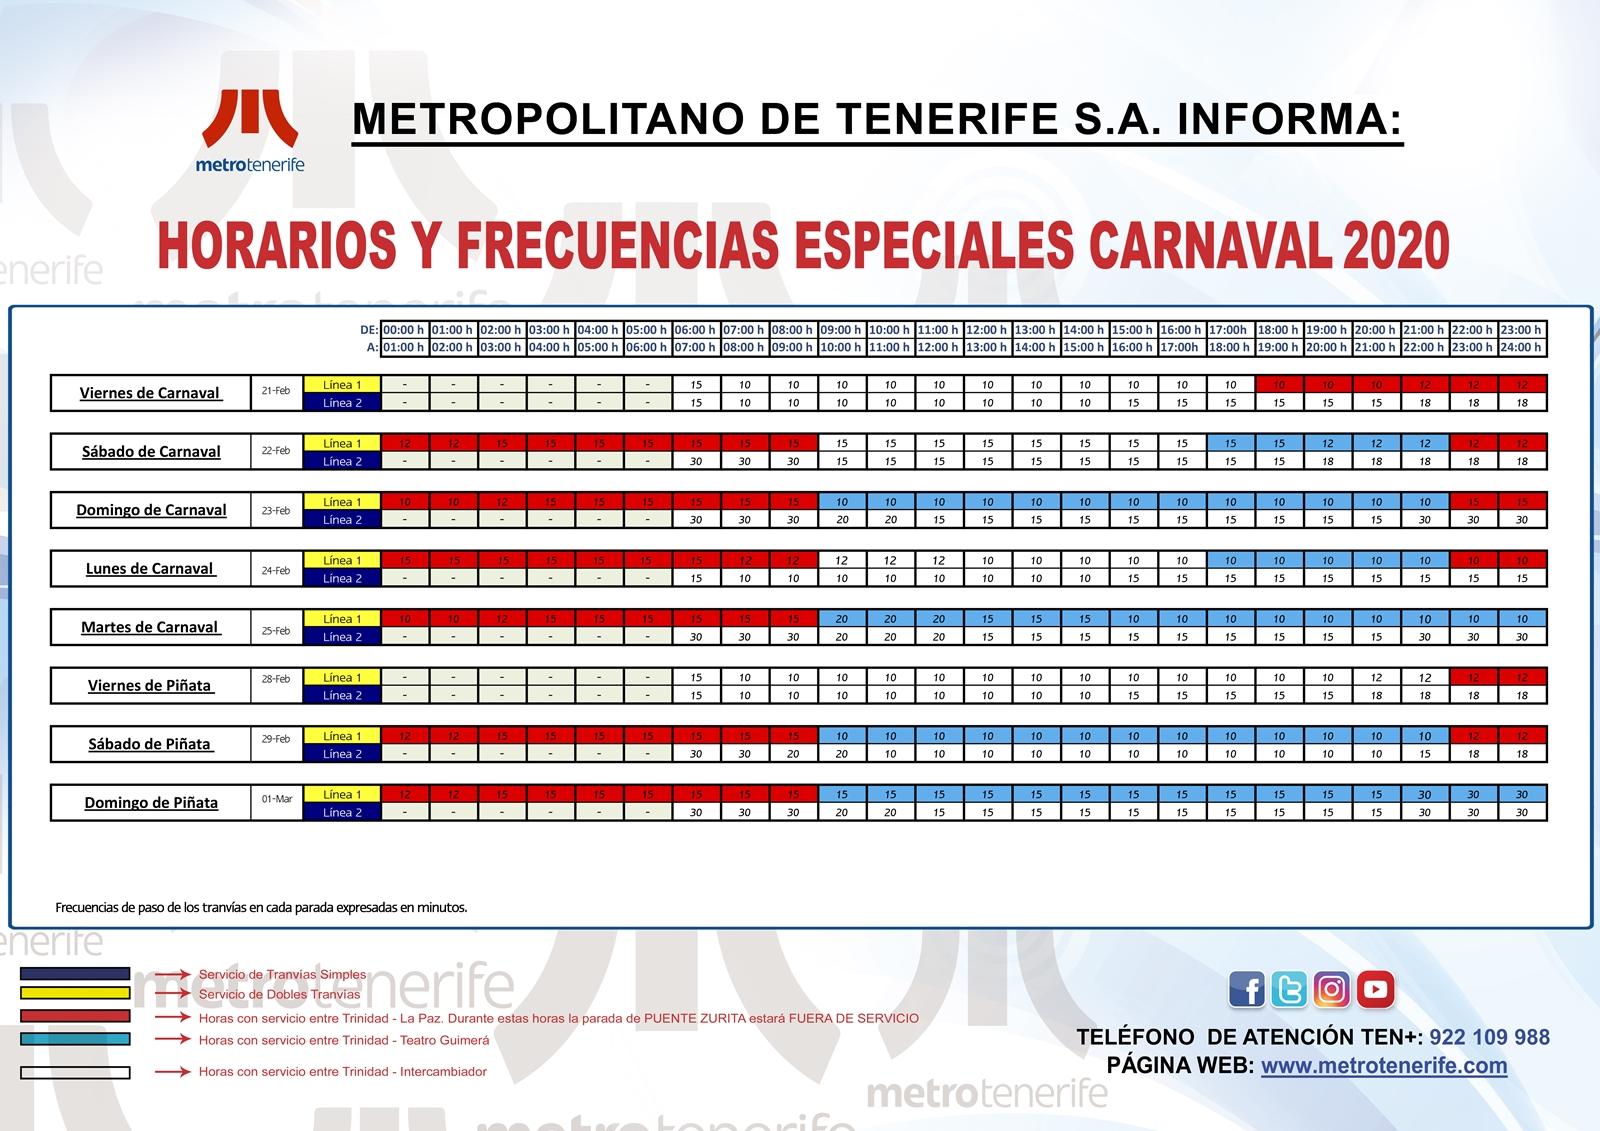 Cuadrante con los horarios y frecuencias especiales del tranvía para el Carnaval 2020.